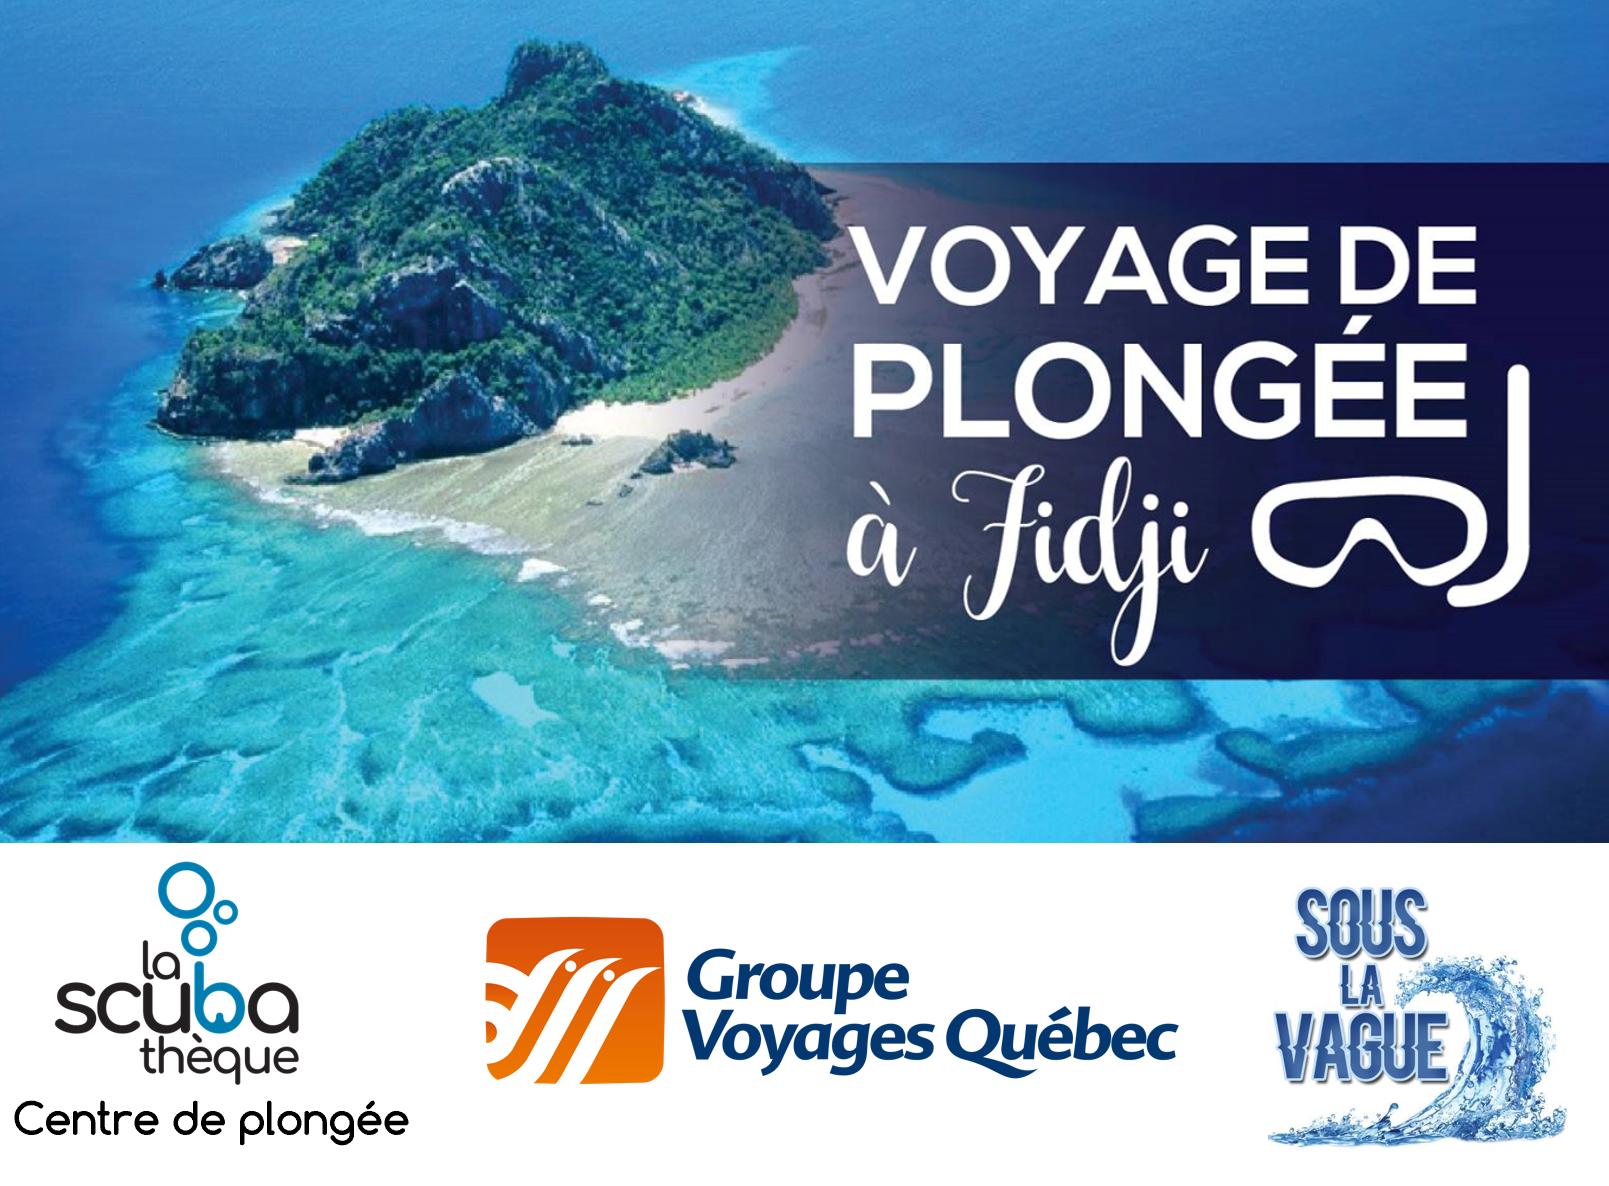 Voyage de plongée à Fidji  - Septembre 2020 - Demande de réservation